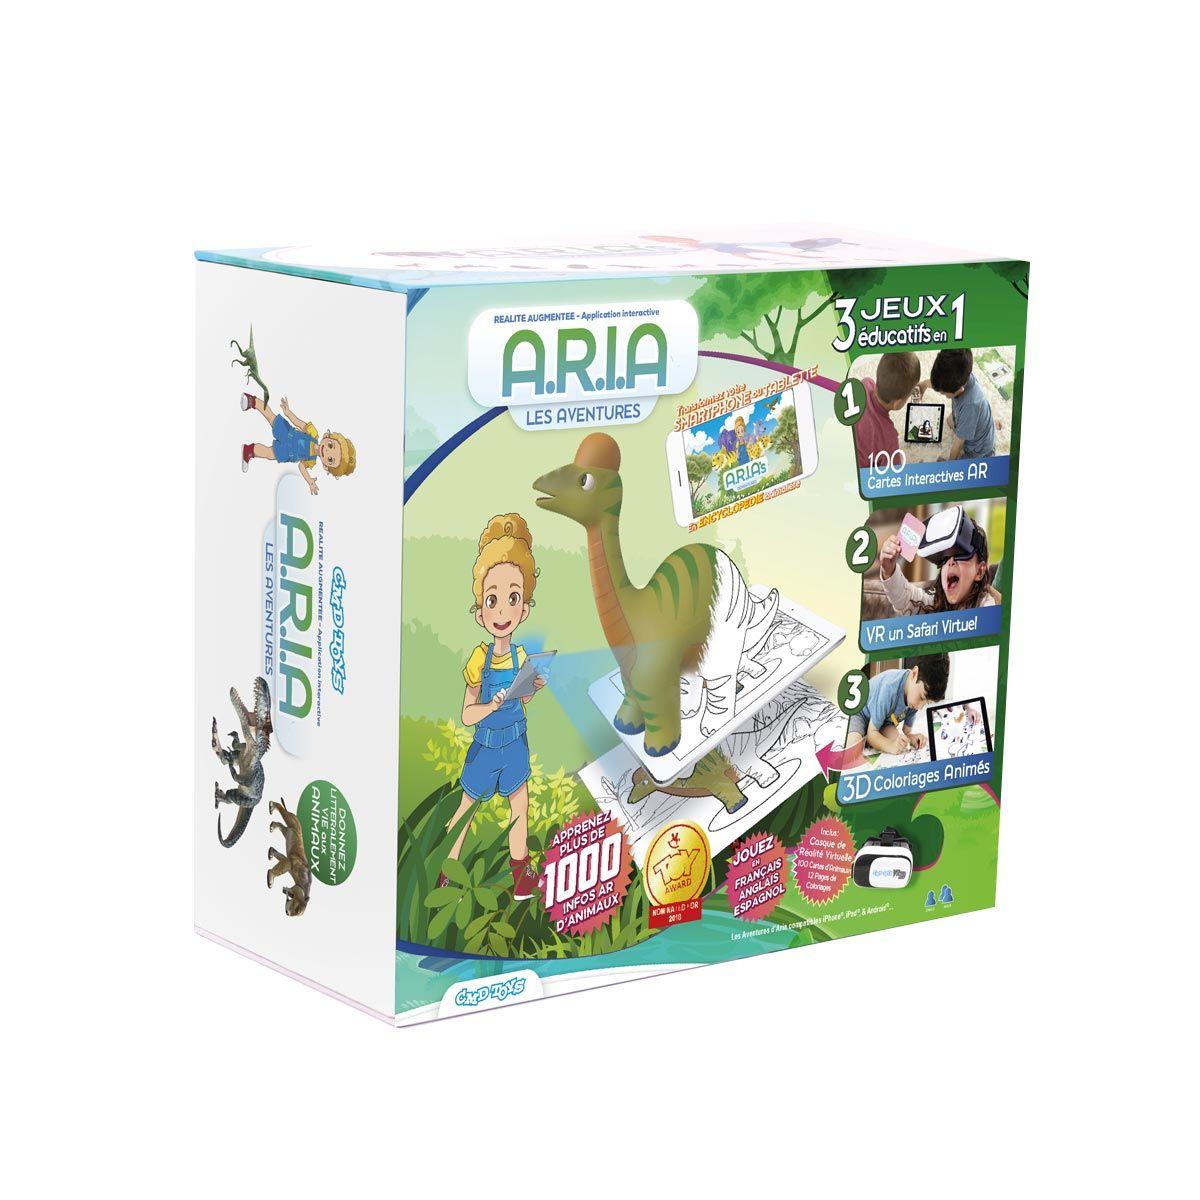 Jeu Interactif Virtuel Les Aventures D'aria Pour Enfant De 5 encequiconcerne Jeu Interactif Enfant